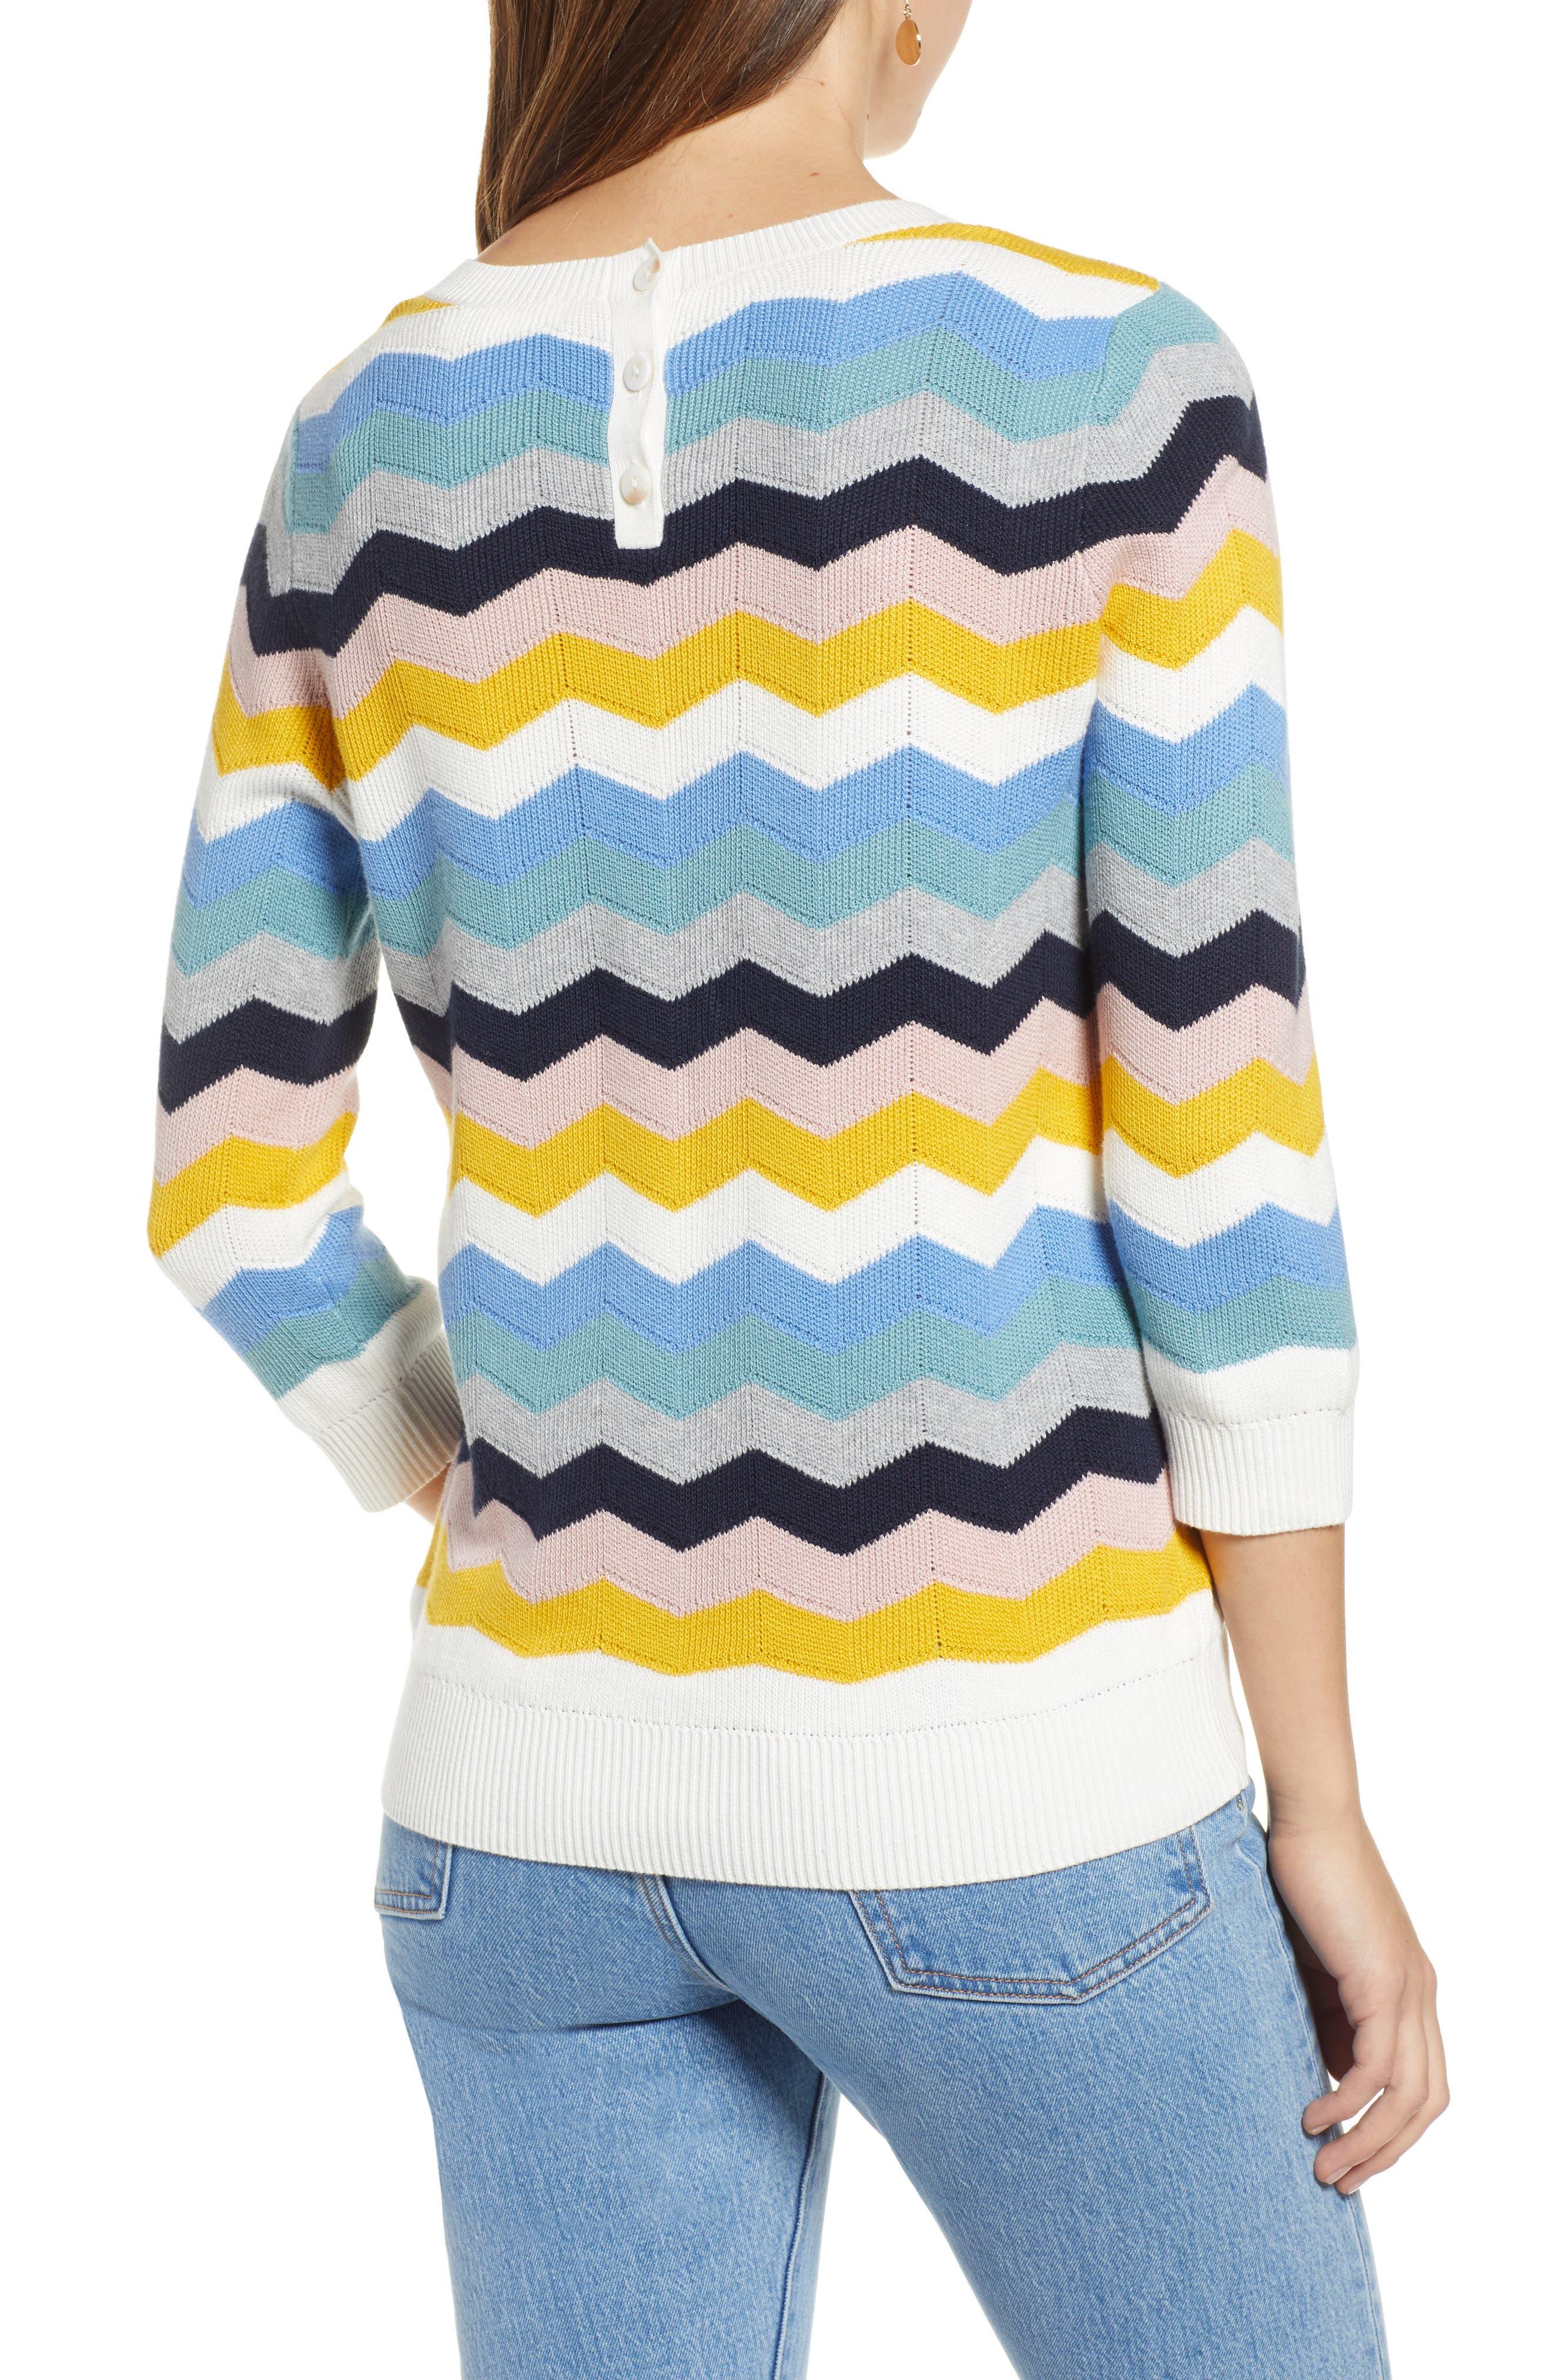 1901, Chevron Jacquard Sweater, Alternate thumbnail 2, color, BLUE MULTI CHEVRON PATTERN